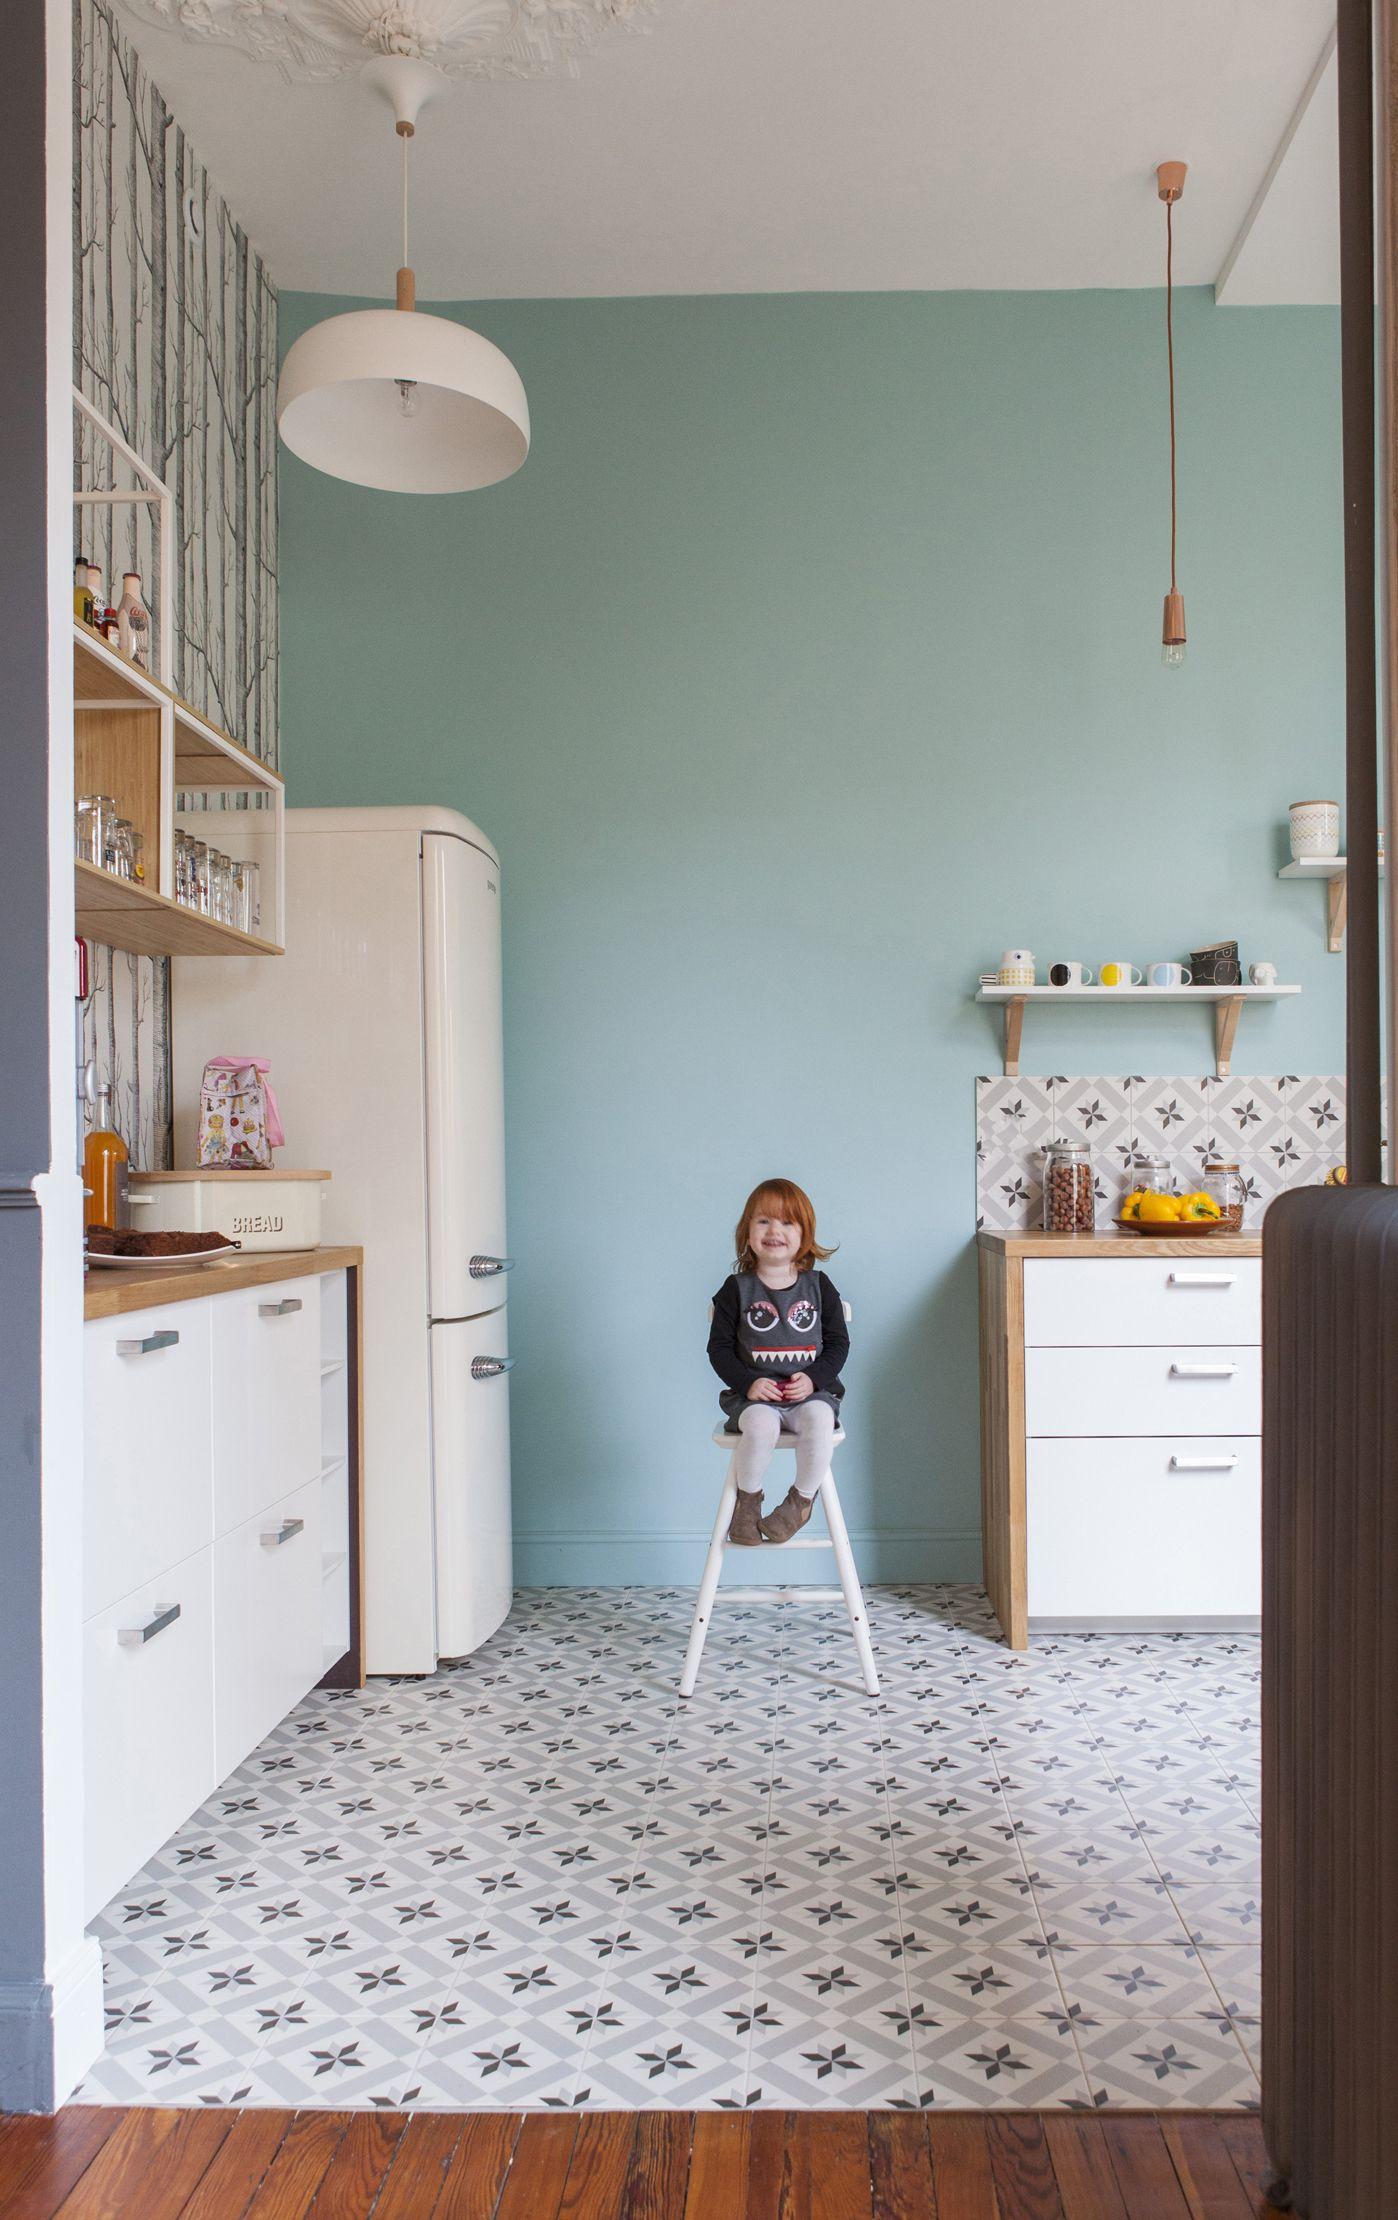 Hahaha la même | Idées cuisine | Pinterest | Kitchens, Wall colors ...